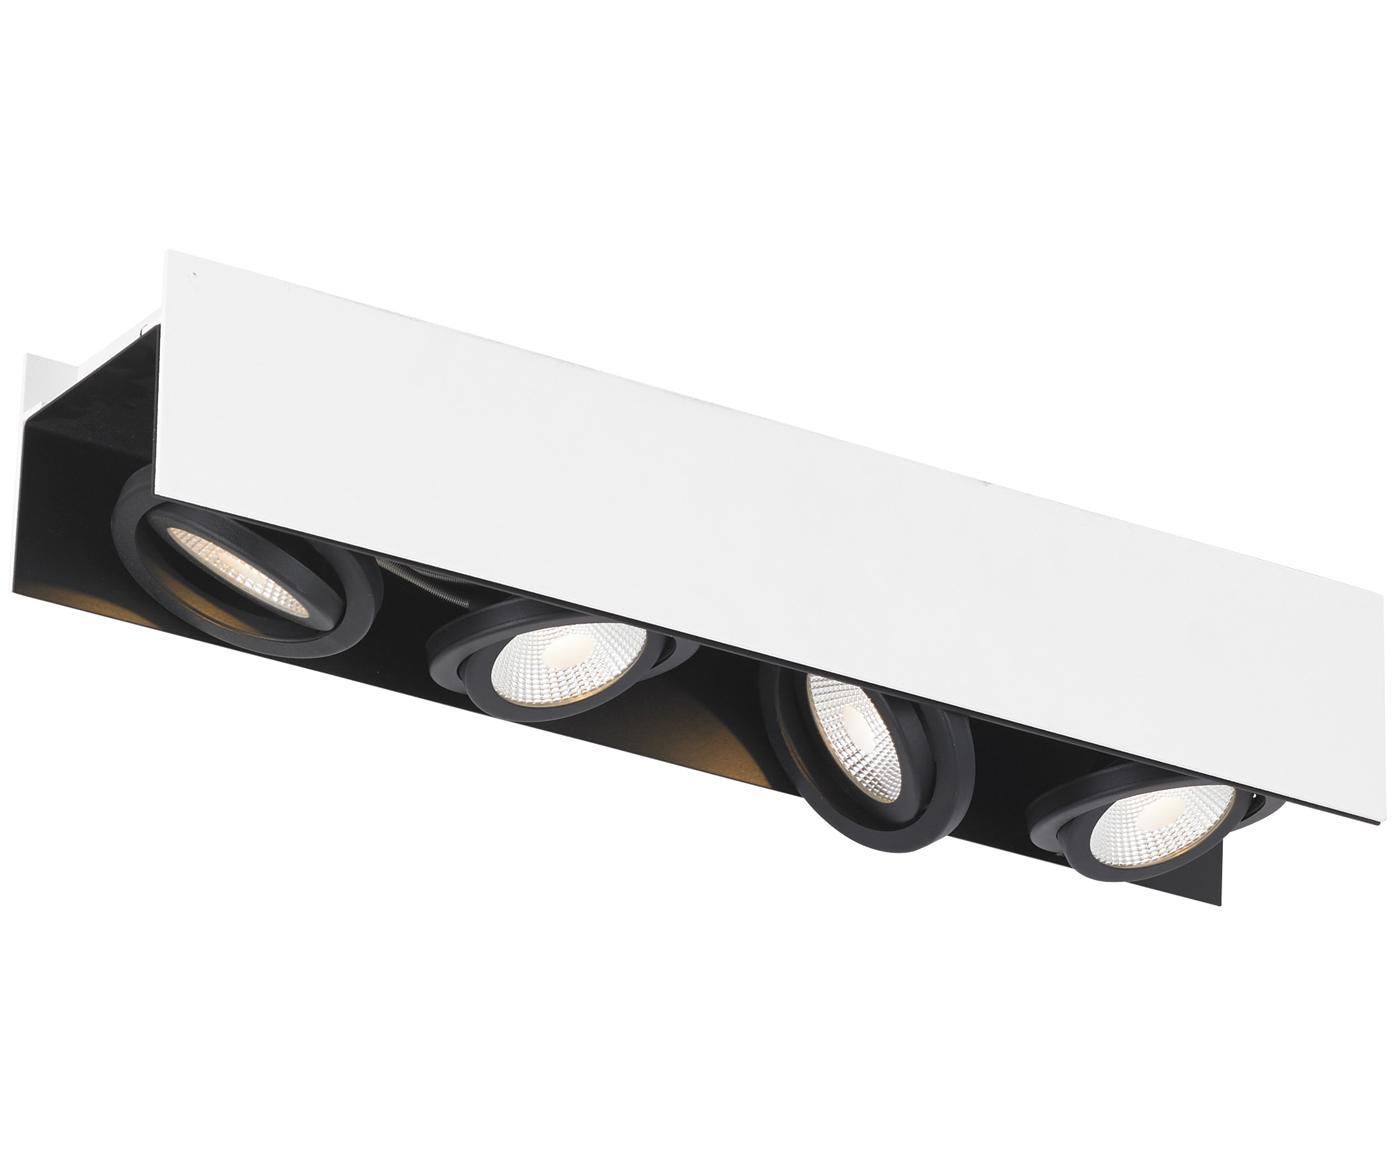 Lampa sufitowa LED Vidago, Biały, czarny, S 62 x W 11 cm